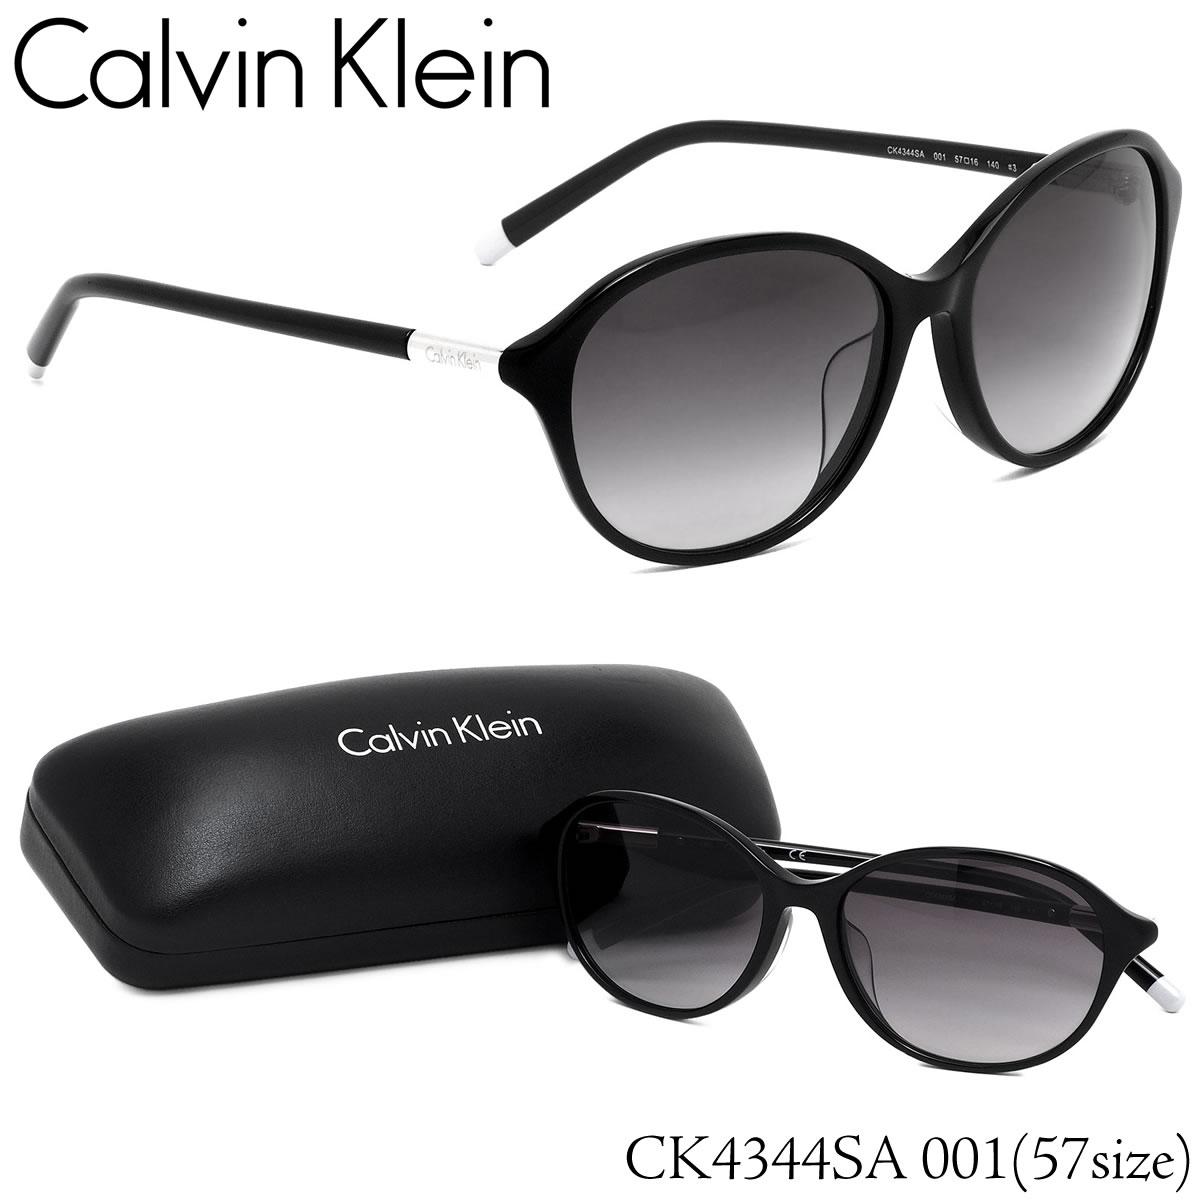 ポイント最大46倍お買い物マラソン8/4 20時スタート!!お得なクーポンも カルバンクライン Calvin Klein サングラスCK4344SA 001 57サイズCK ラウンド フルフィットカルバンクライン CalvinKlein メンズ レディース